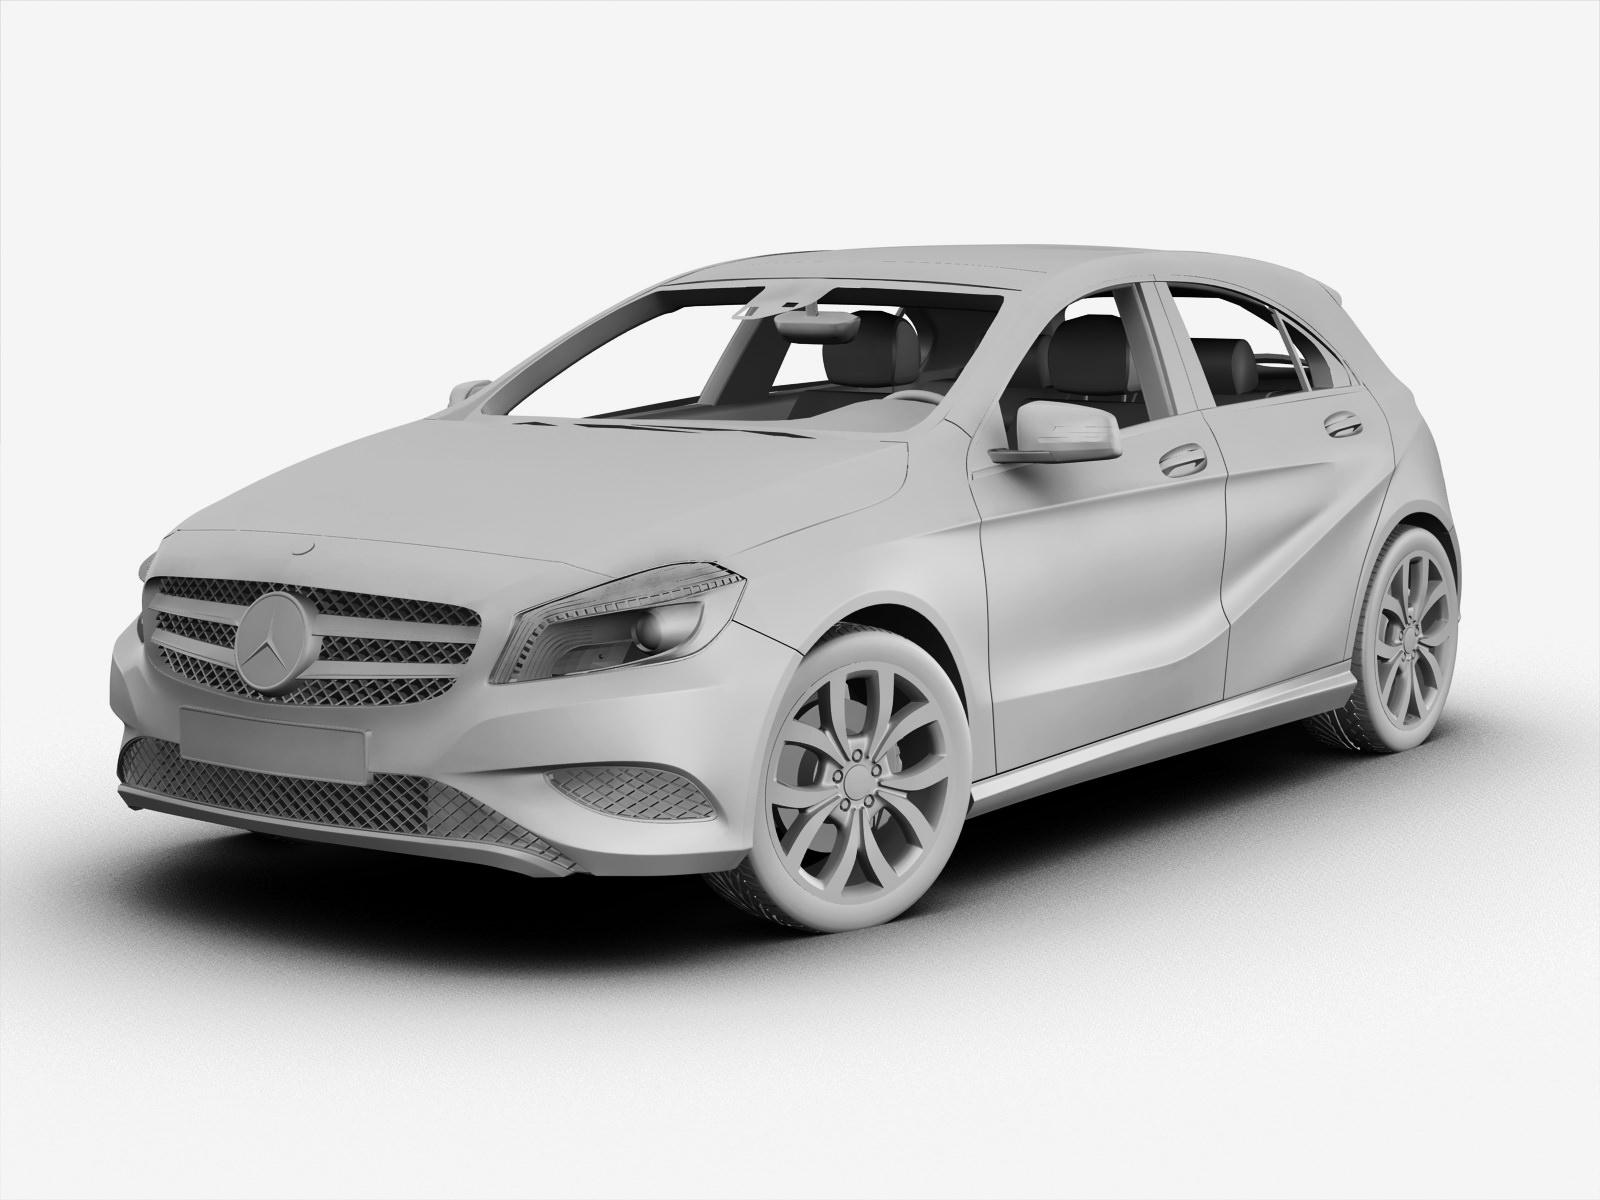 Mercedes benz a class 2013 3d model max obj 3ds fbx for Mercedes benz a class 2013